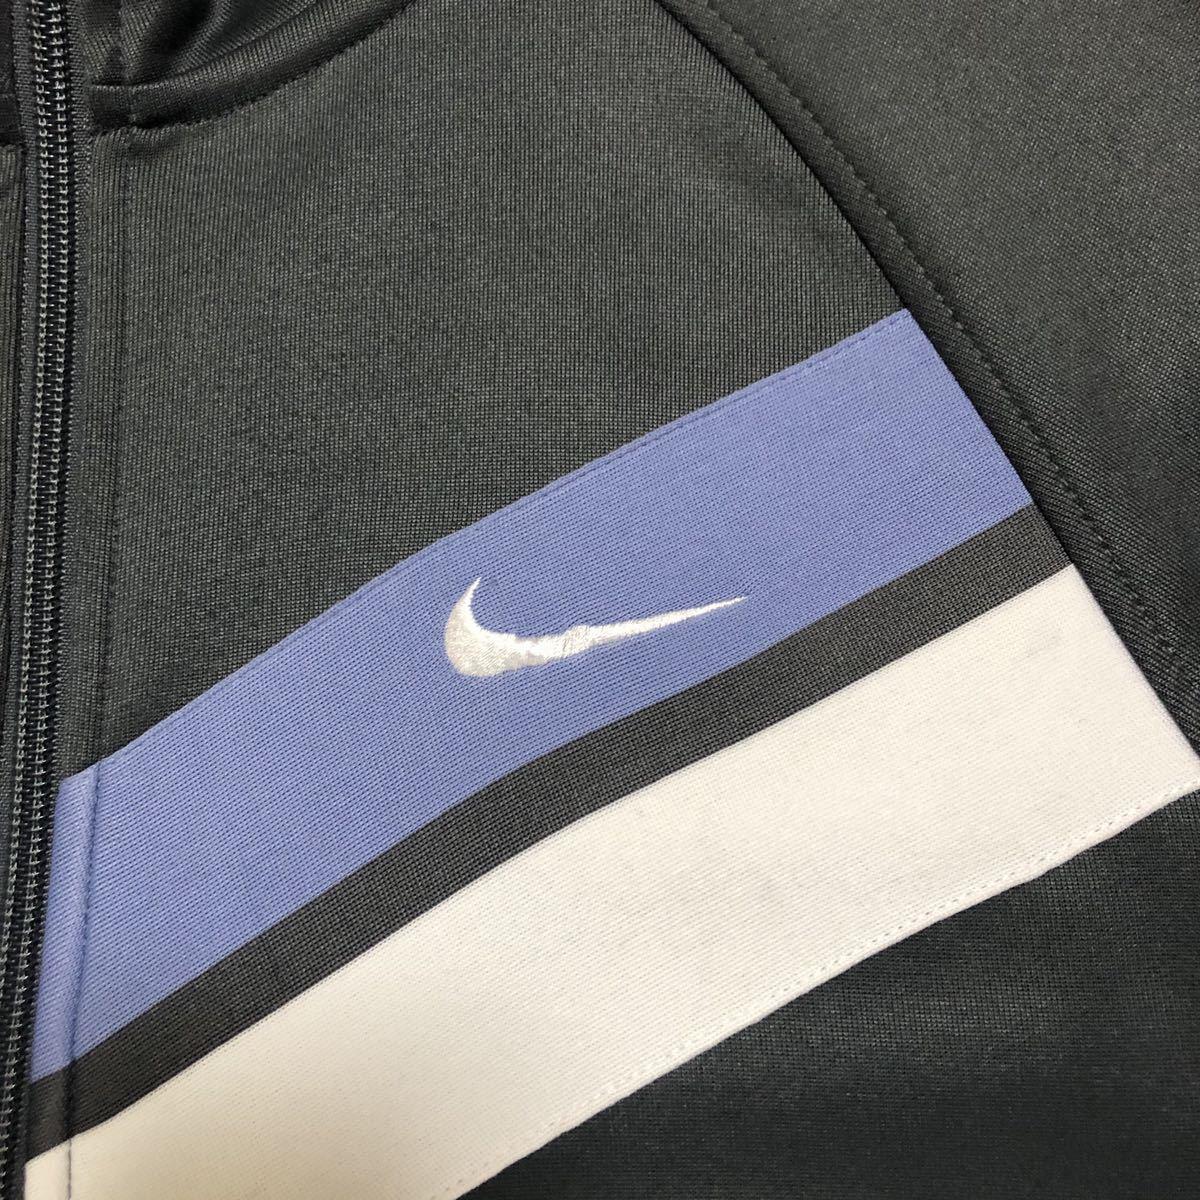 NIKE ナイキ ワンポイント 刺繍ロゴ スウッシュ 切替デザイン ラグランスリーブ ユニセックス トラックジャケット ジョグトップ M 古着